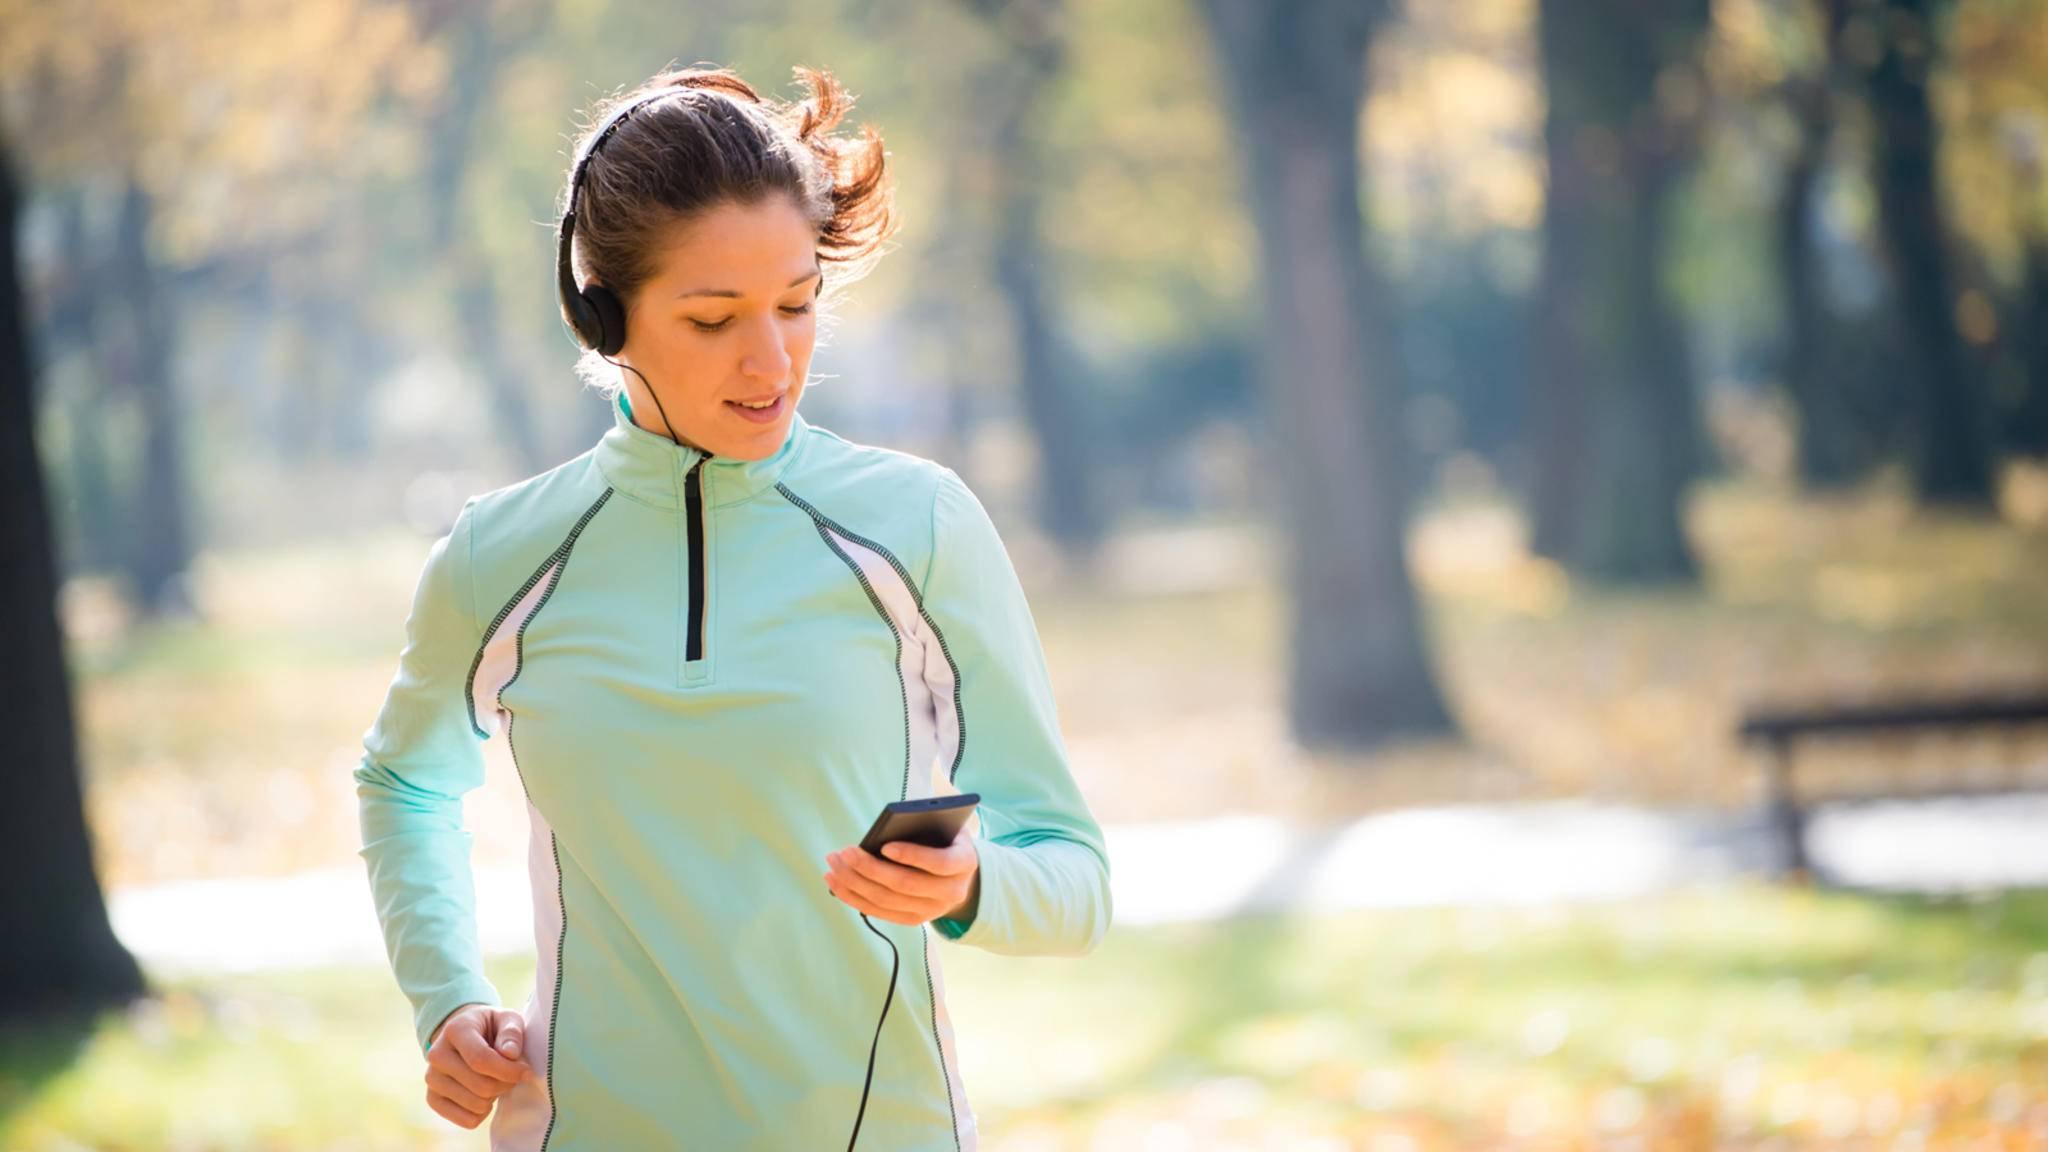 Weav Run erkennt Dein Lauftempo und passt die Musik entsprechend an.